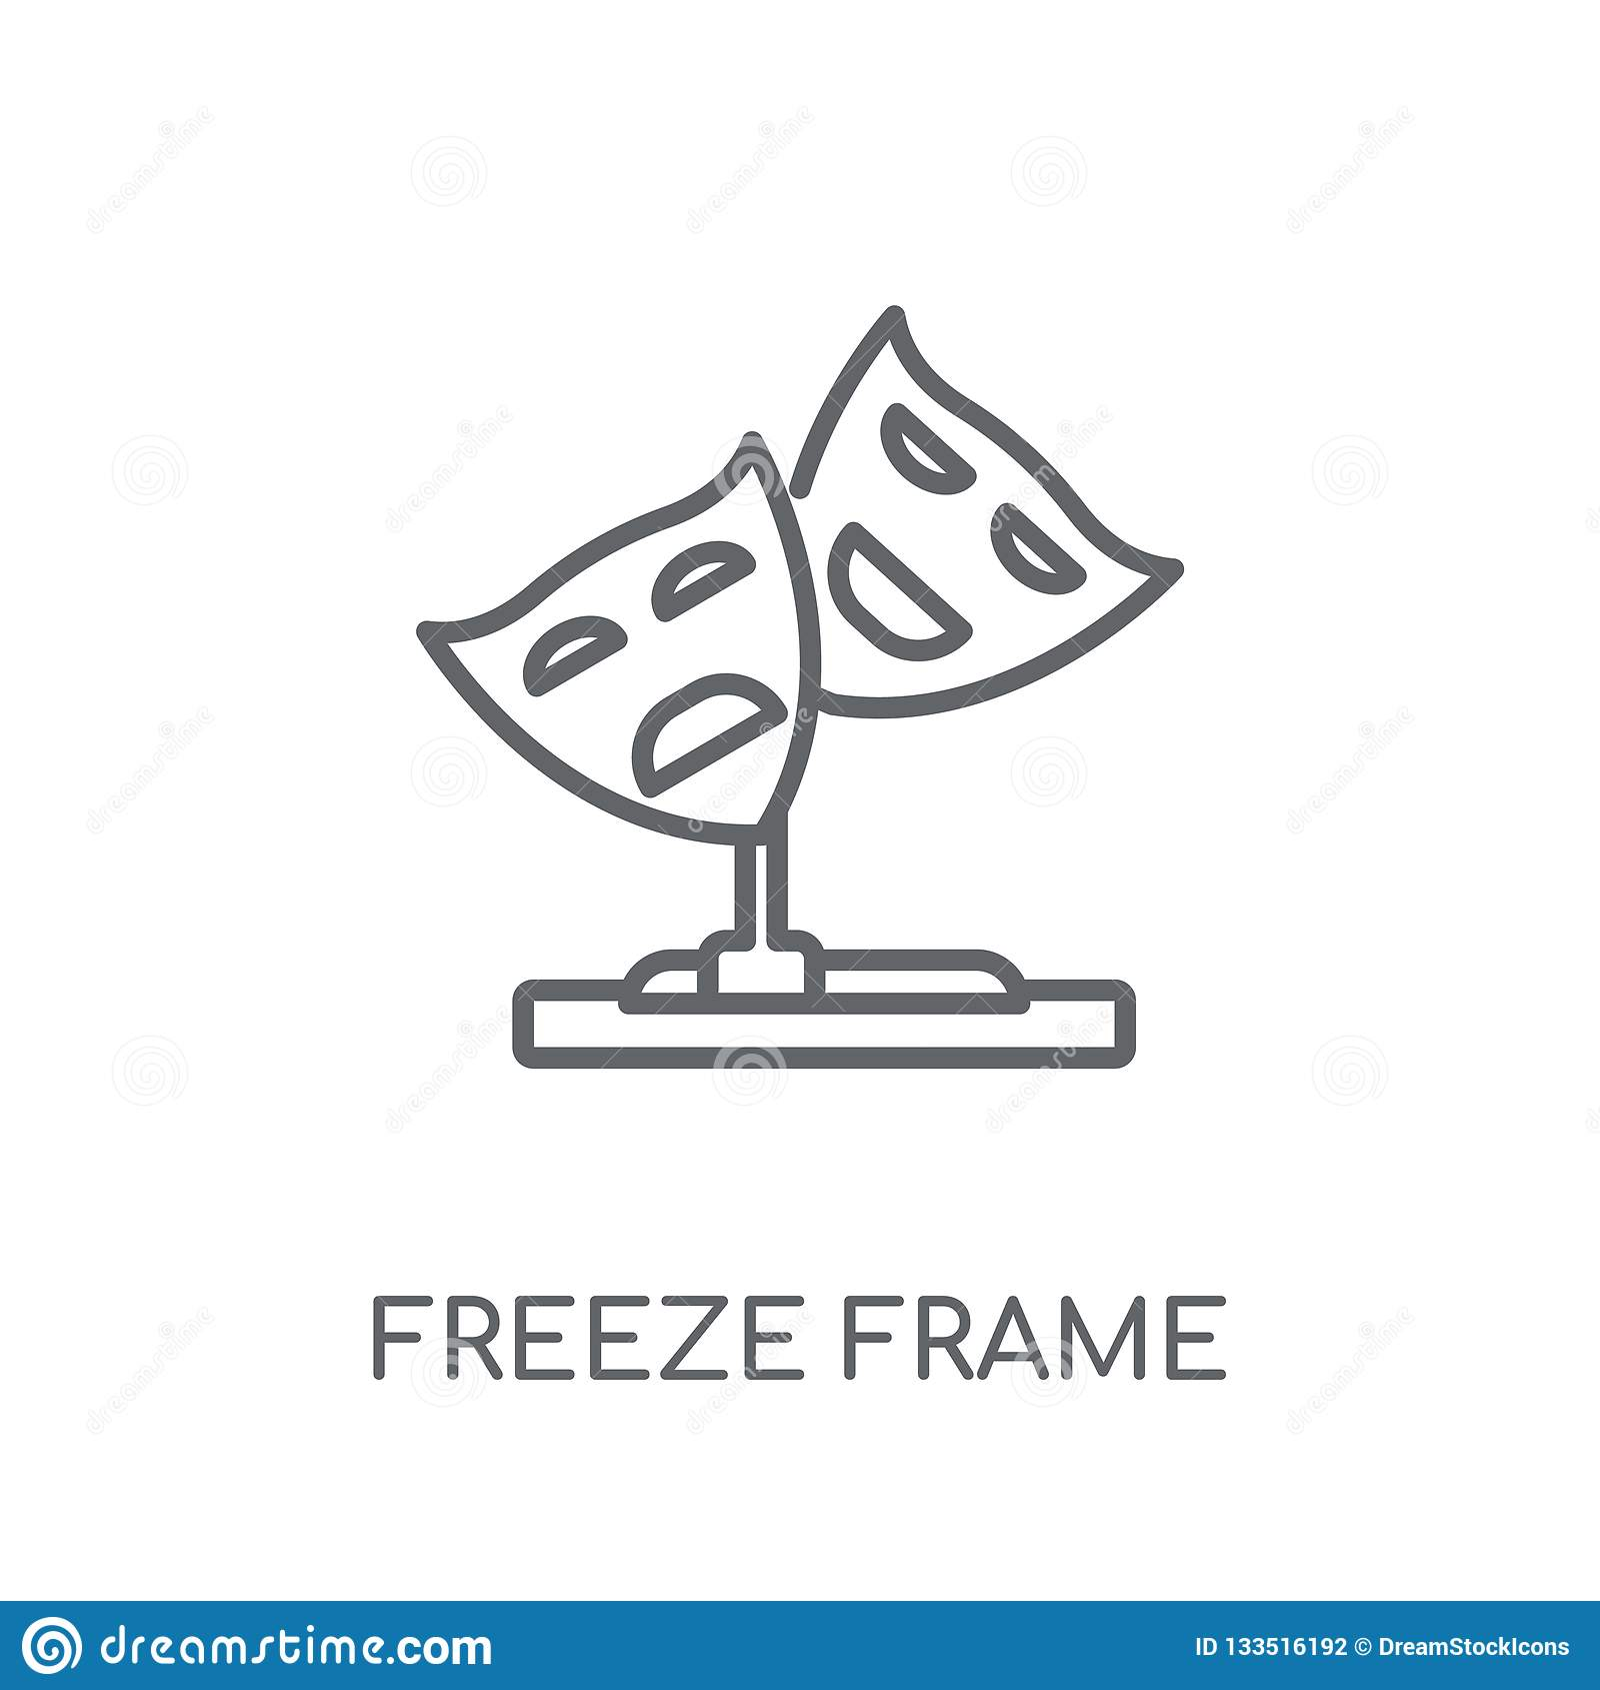 Icono linear de la imagen congelada Conce moderno del logotipo de la imagen congelada del esquema